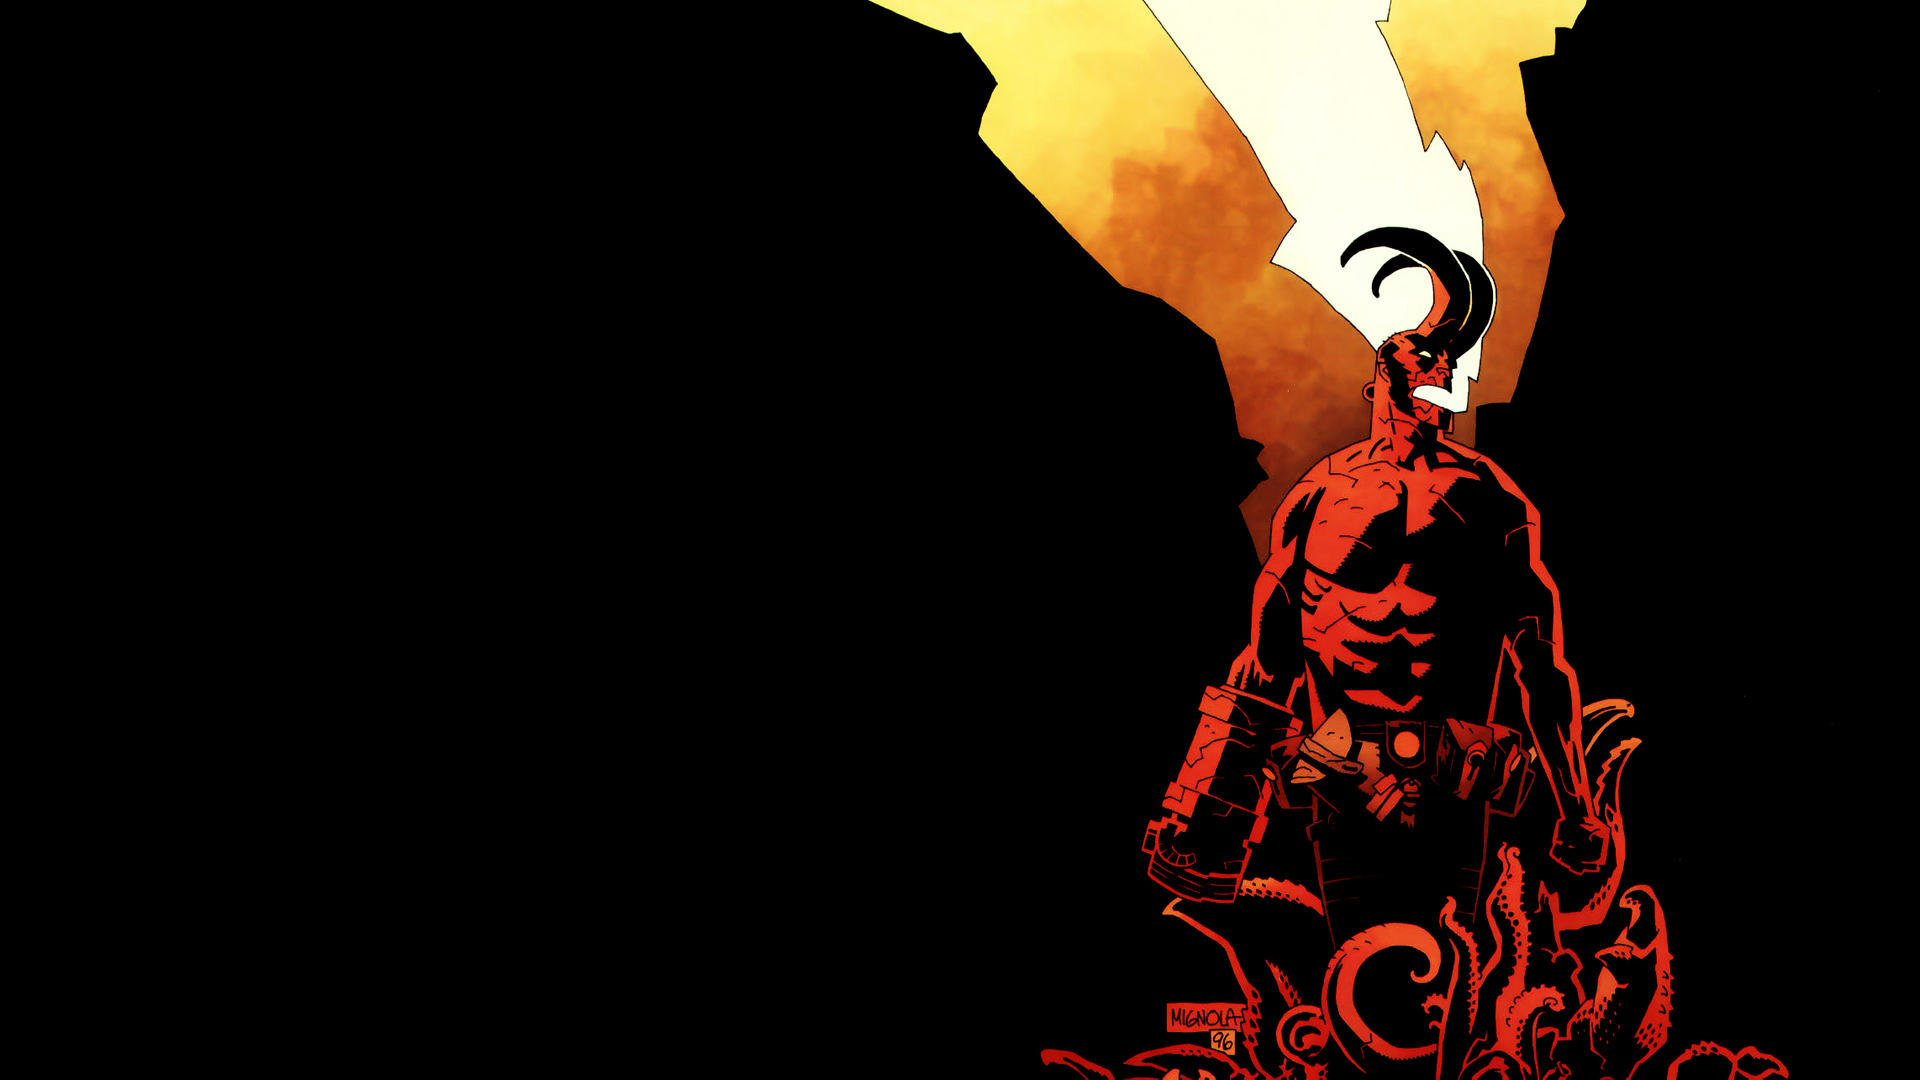 Hellboy Computer Wallpapers Desktop Backgrounds 1920x1080